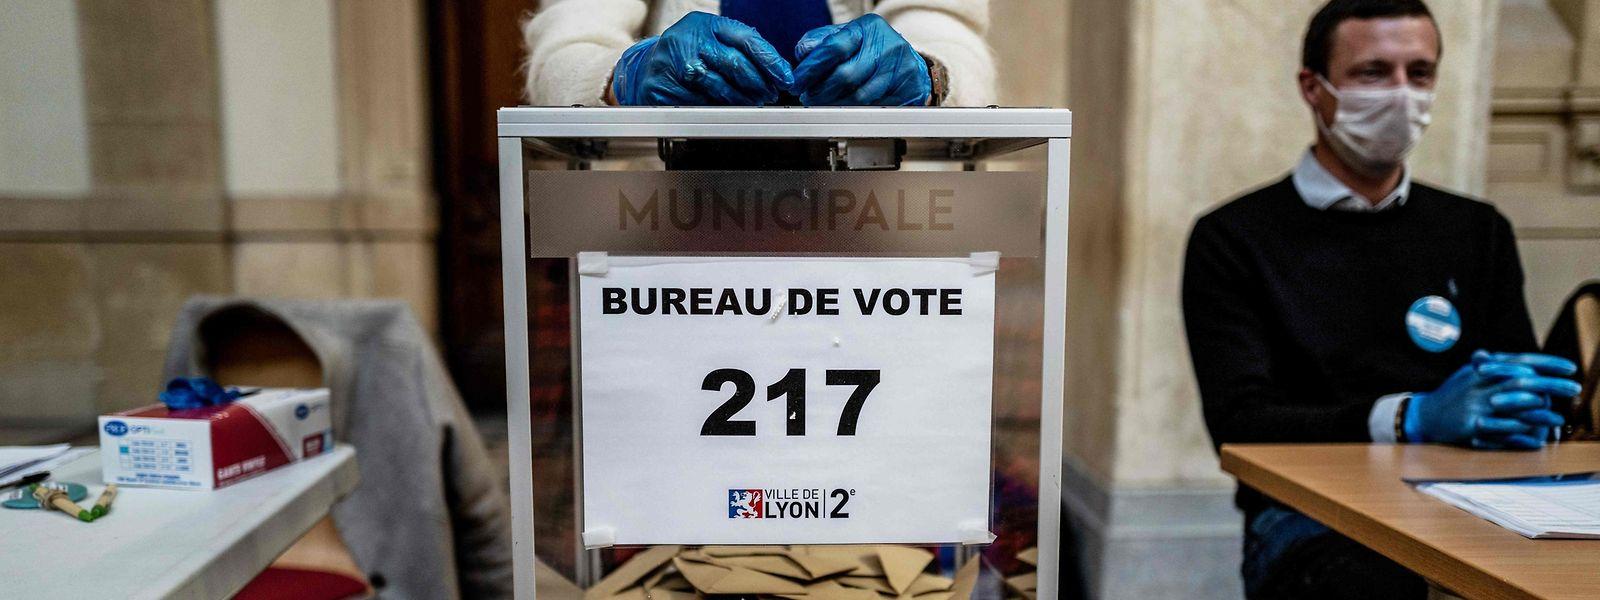 Wahlhelfer mit Handschuhen und Mundschutz: Die Kommunalwahlen 2020 finden unter Ausnahmebedingungen statt.